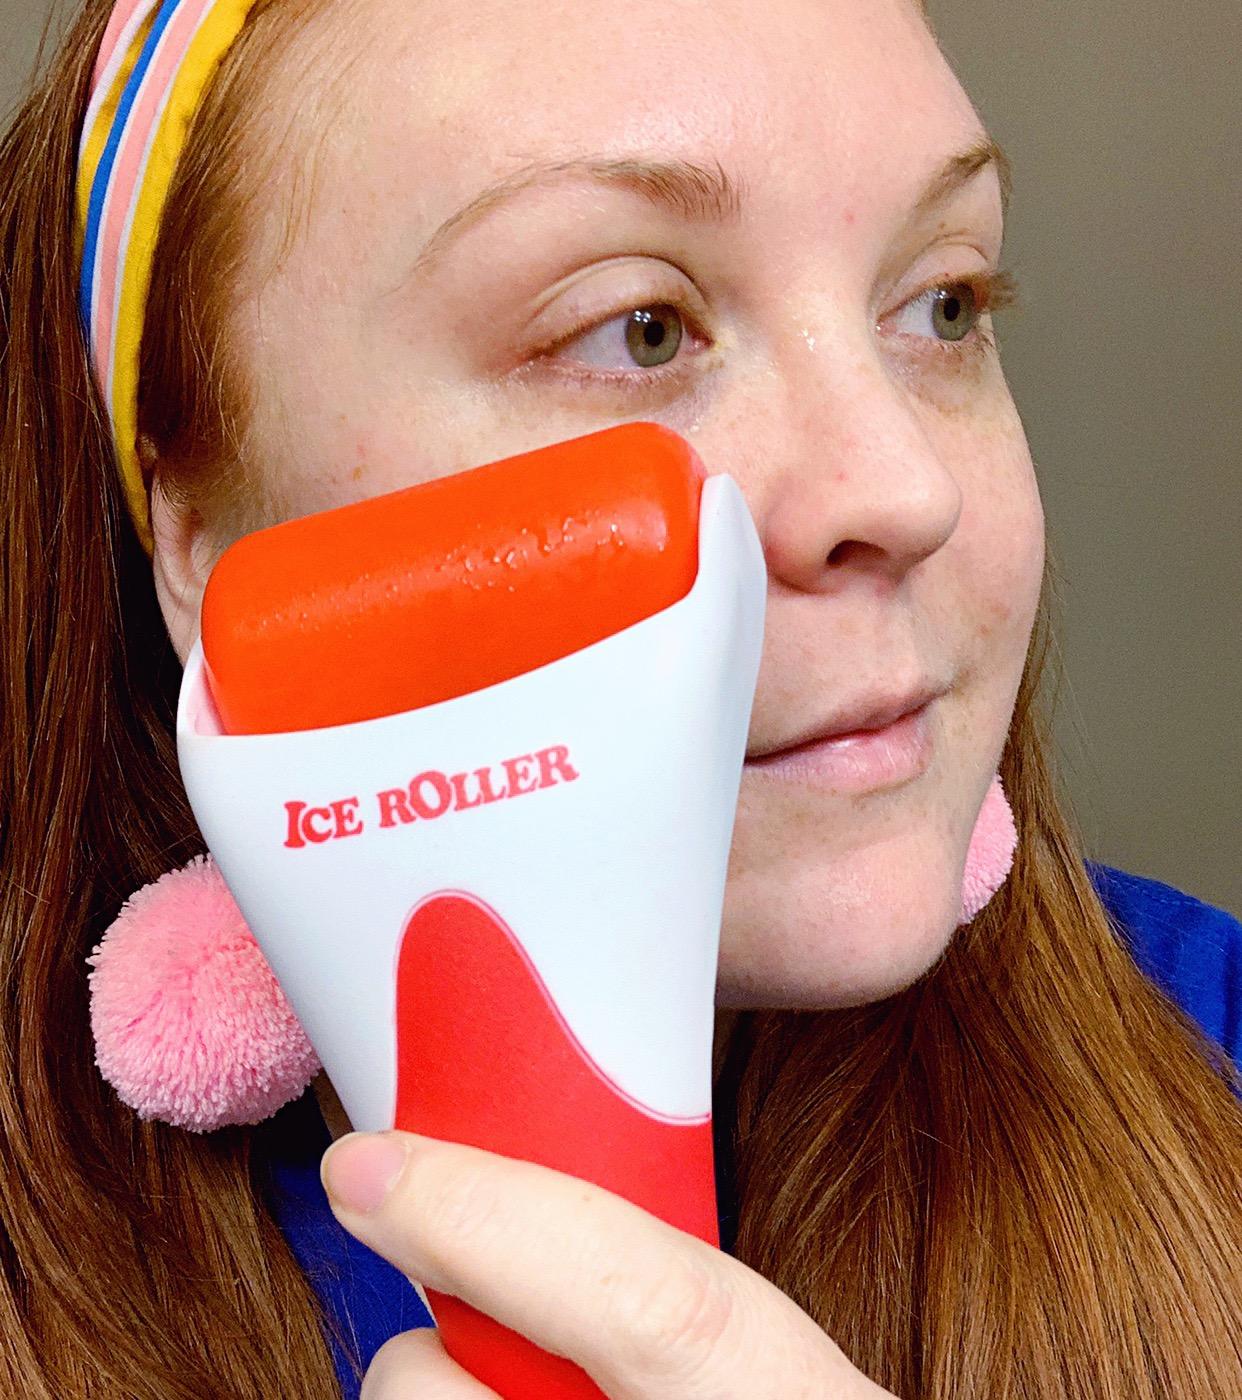 ginger me glam face roller review ice roller.JPG